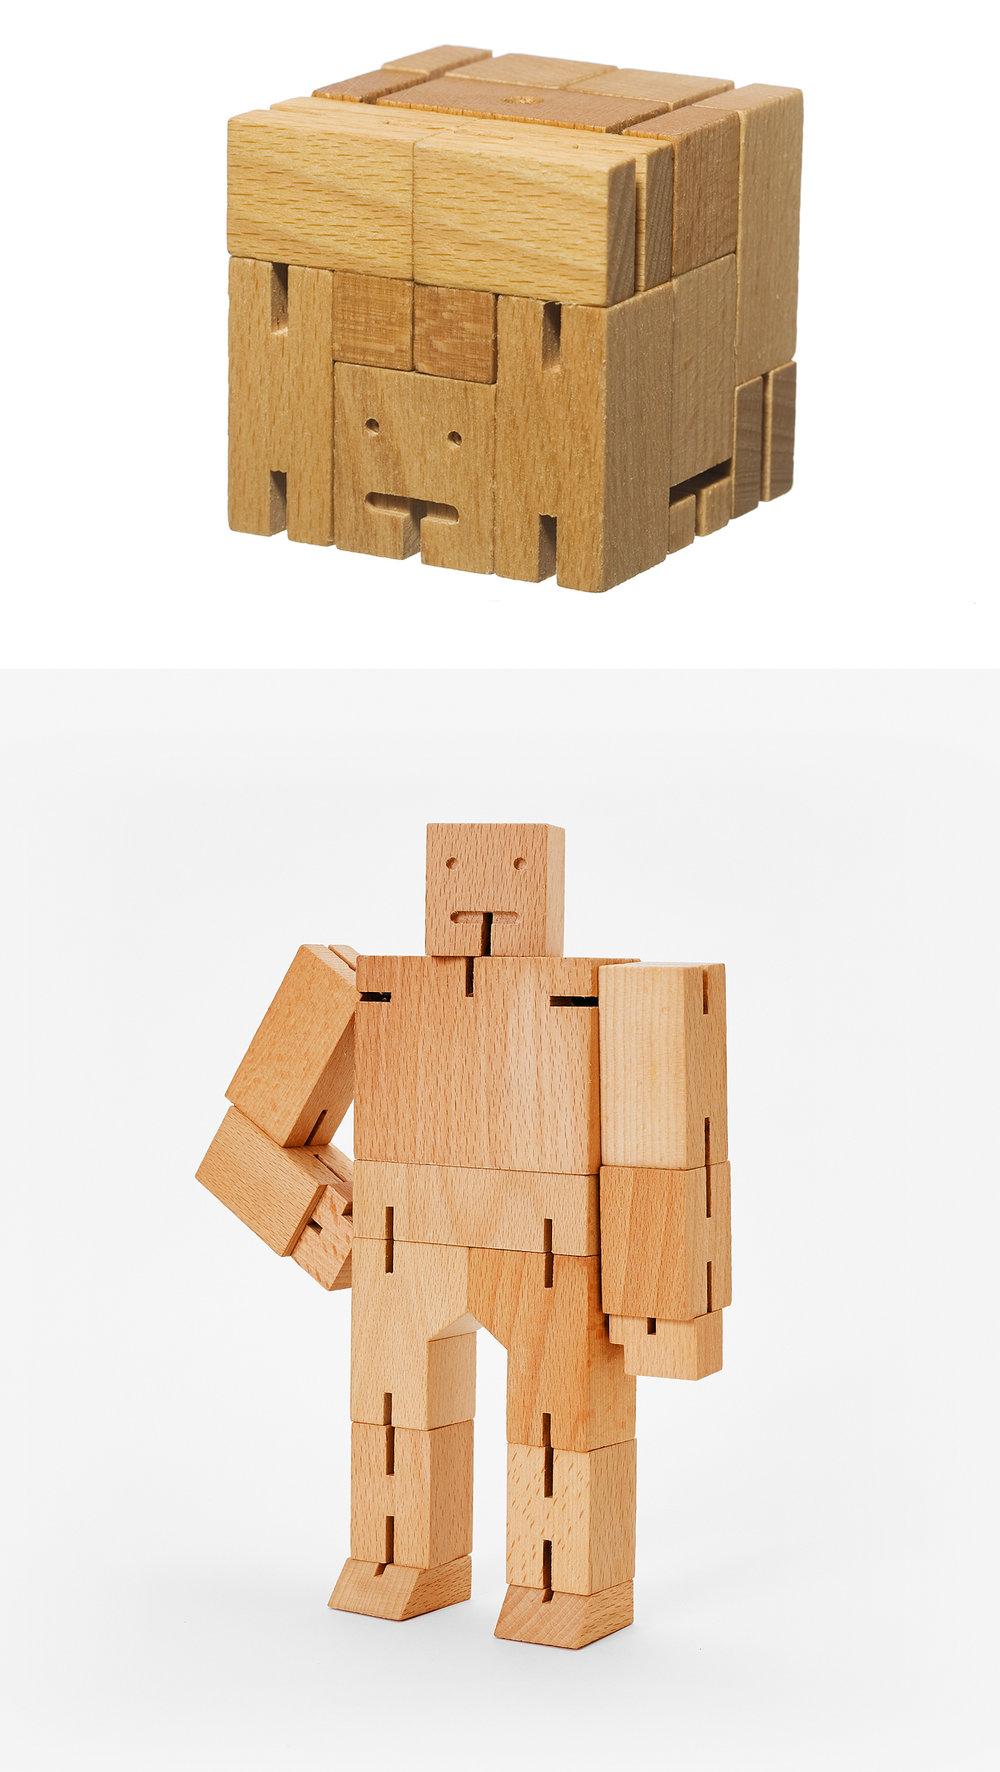 策展人:这款机器人原型外观低调,当你在工作种感到无聊时,它将是您办公桌上的理想玩伴。 - 这款木制玩具机器人的灵感源自于日本神道积木拼图。它由木头和松紧带组成。它可以变出数十种不同姿势。当需要收起玩具时,你可以将其折叠成一个完美的立方体。